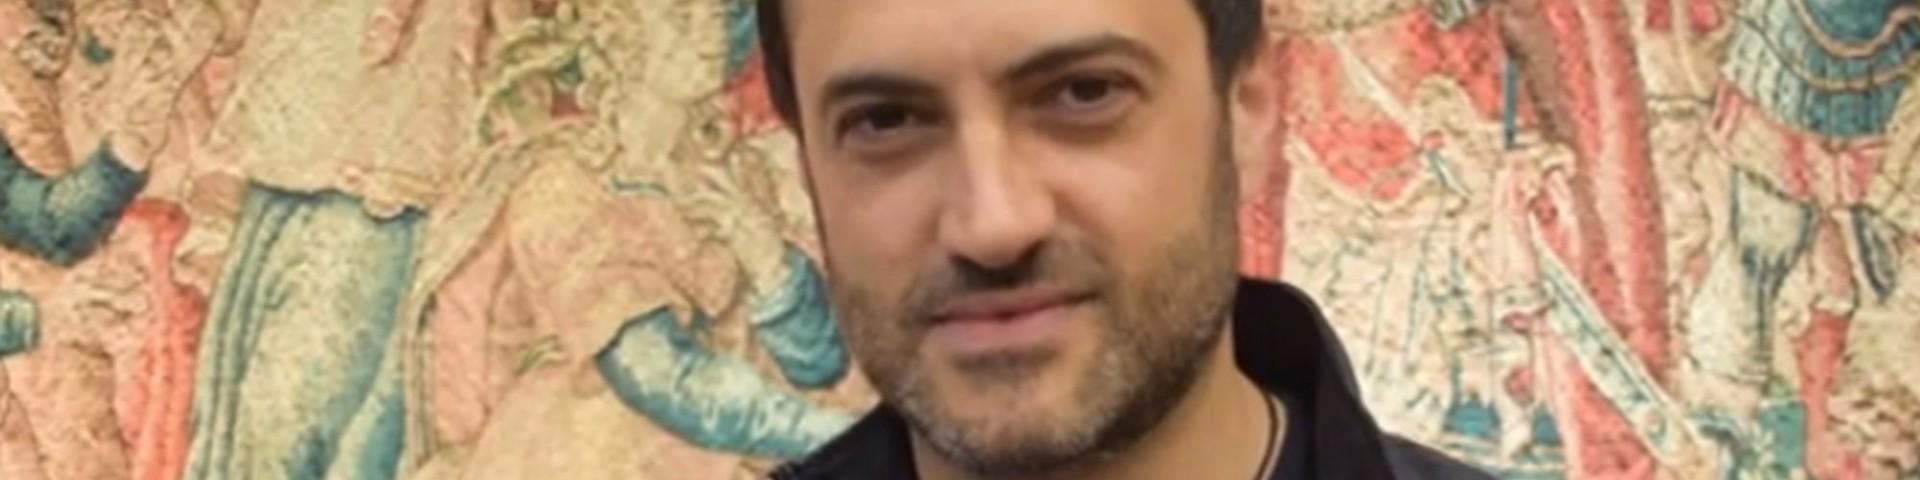 Concerto Primo Maggio a Roma 2019: intervista a Massimo Bonelli - Video